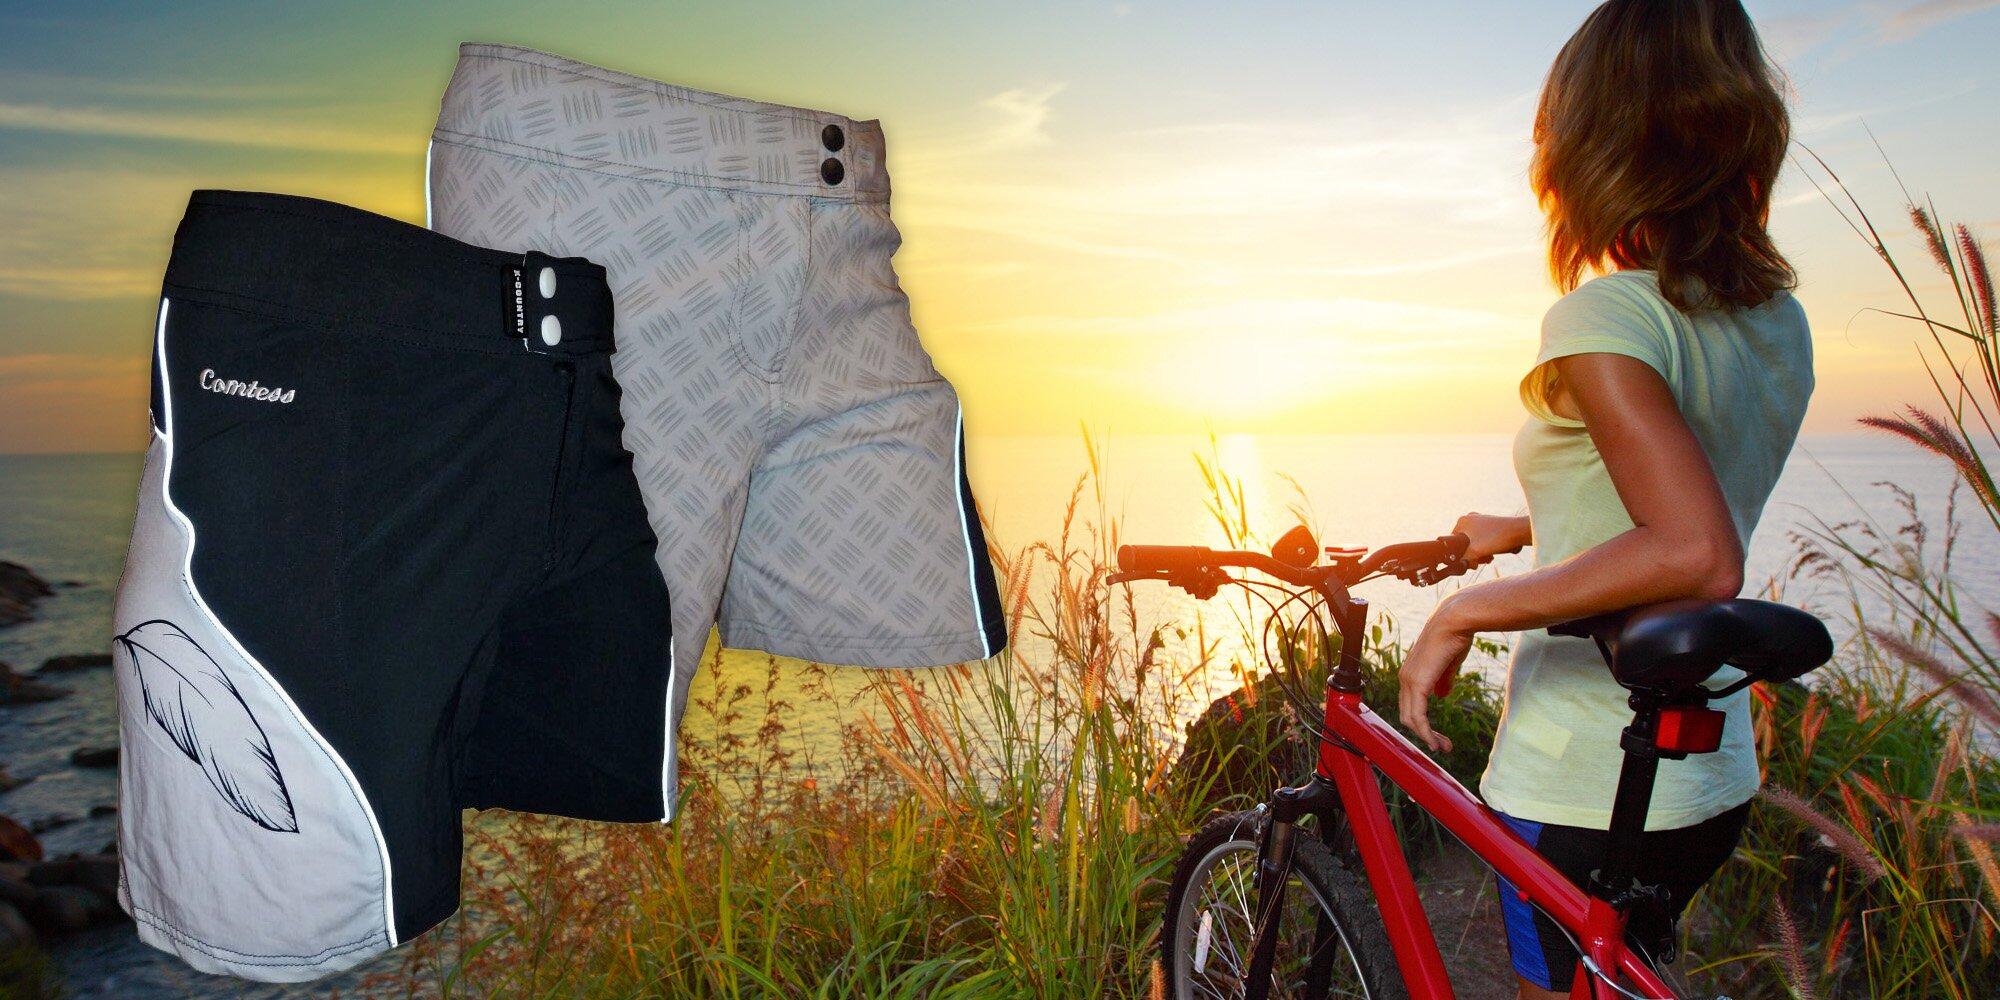 Dámské cyklistické kraťasy a cyklogatě Haven  1d5e07d934